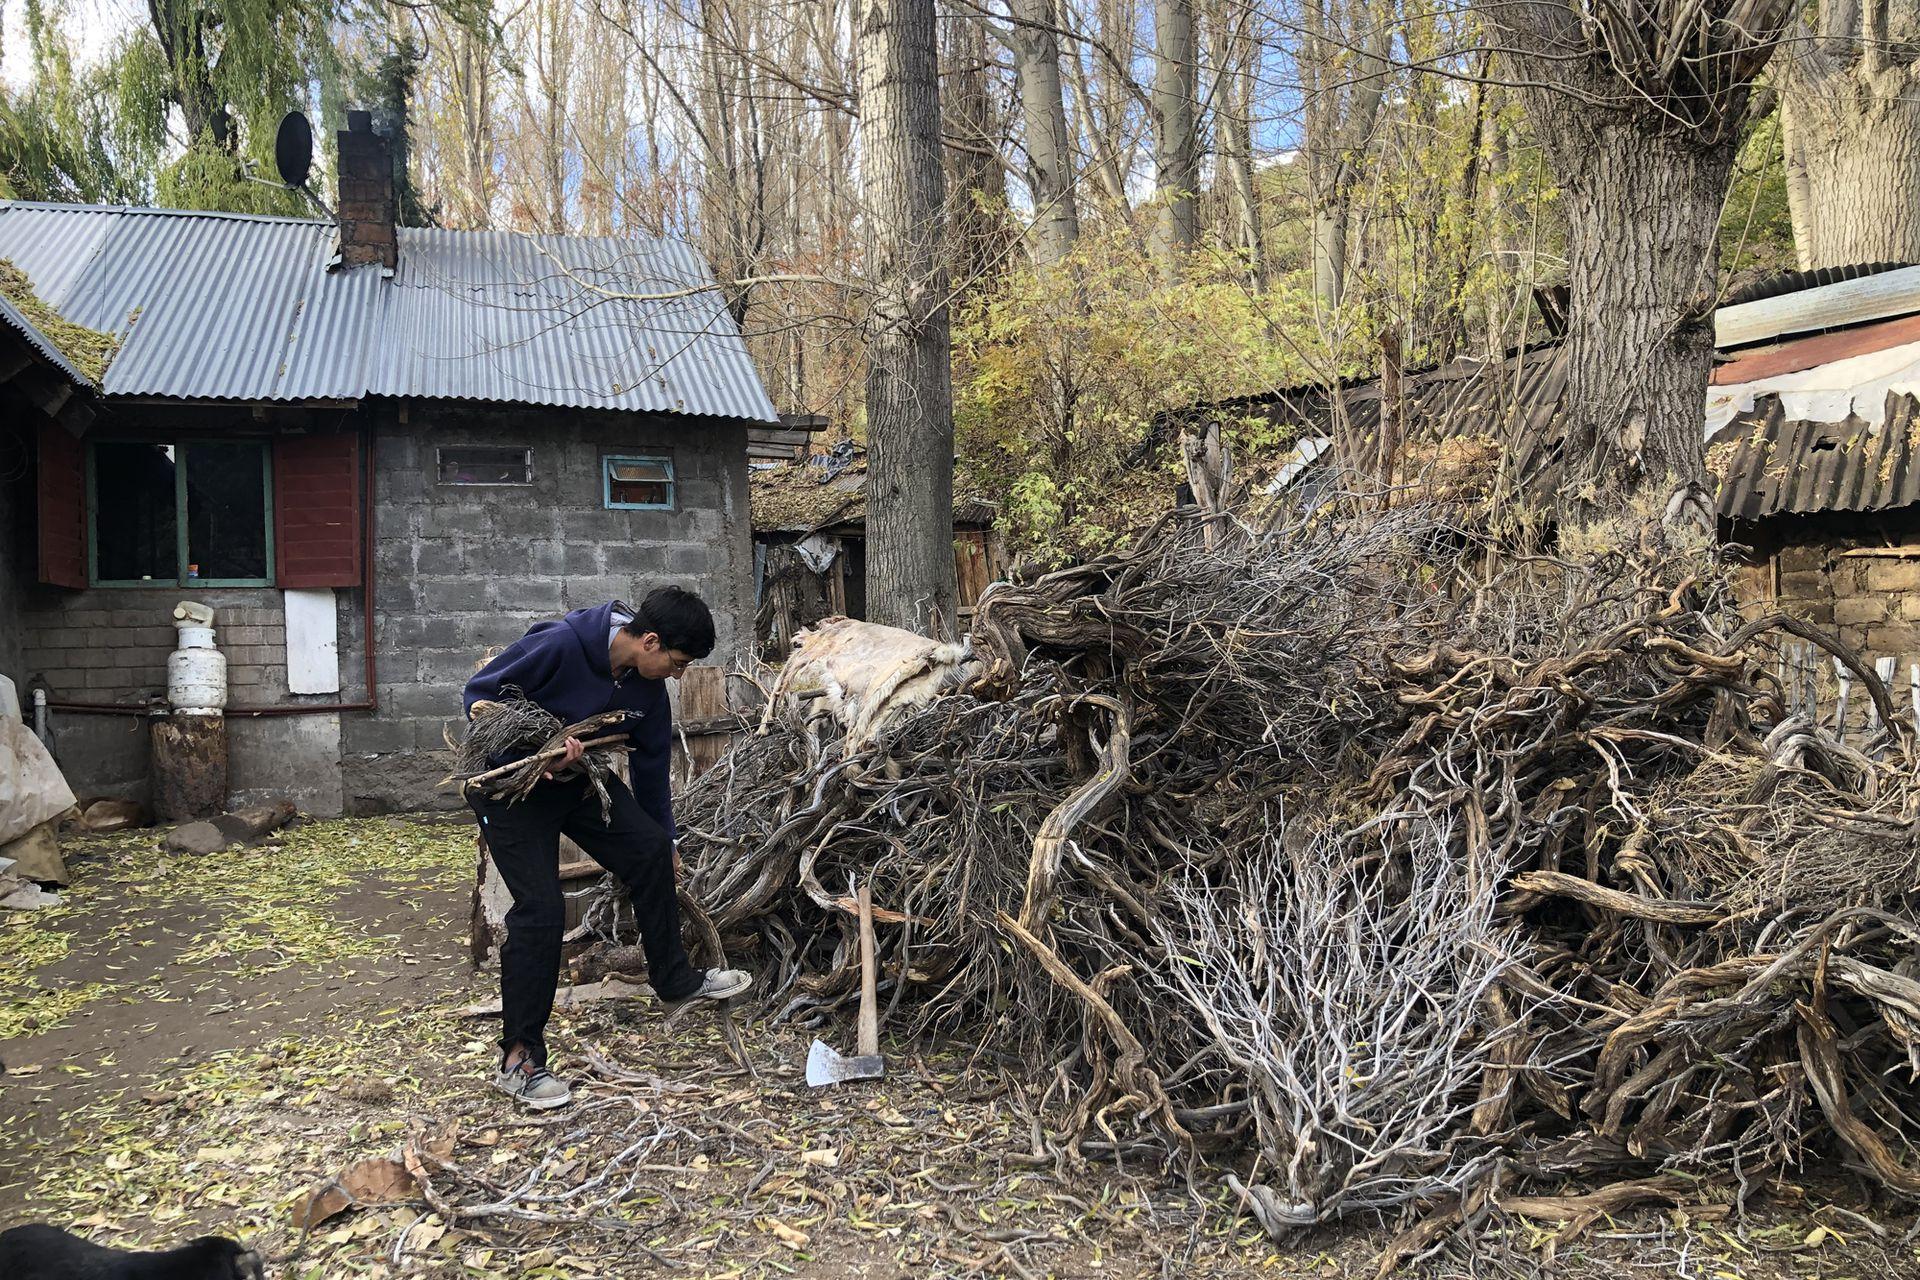 Durante el invierno, Tiziano es el encargado de cortar la leña para mantener siempre calefaccionada la casa y cocinar